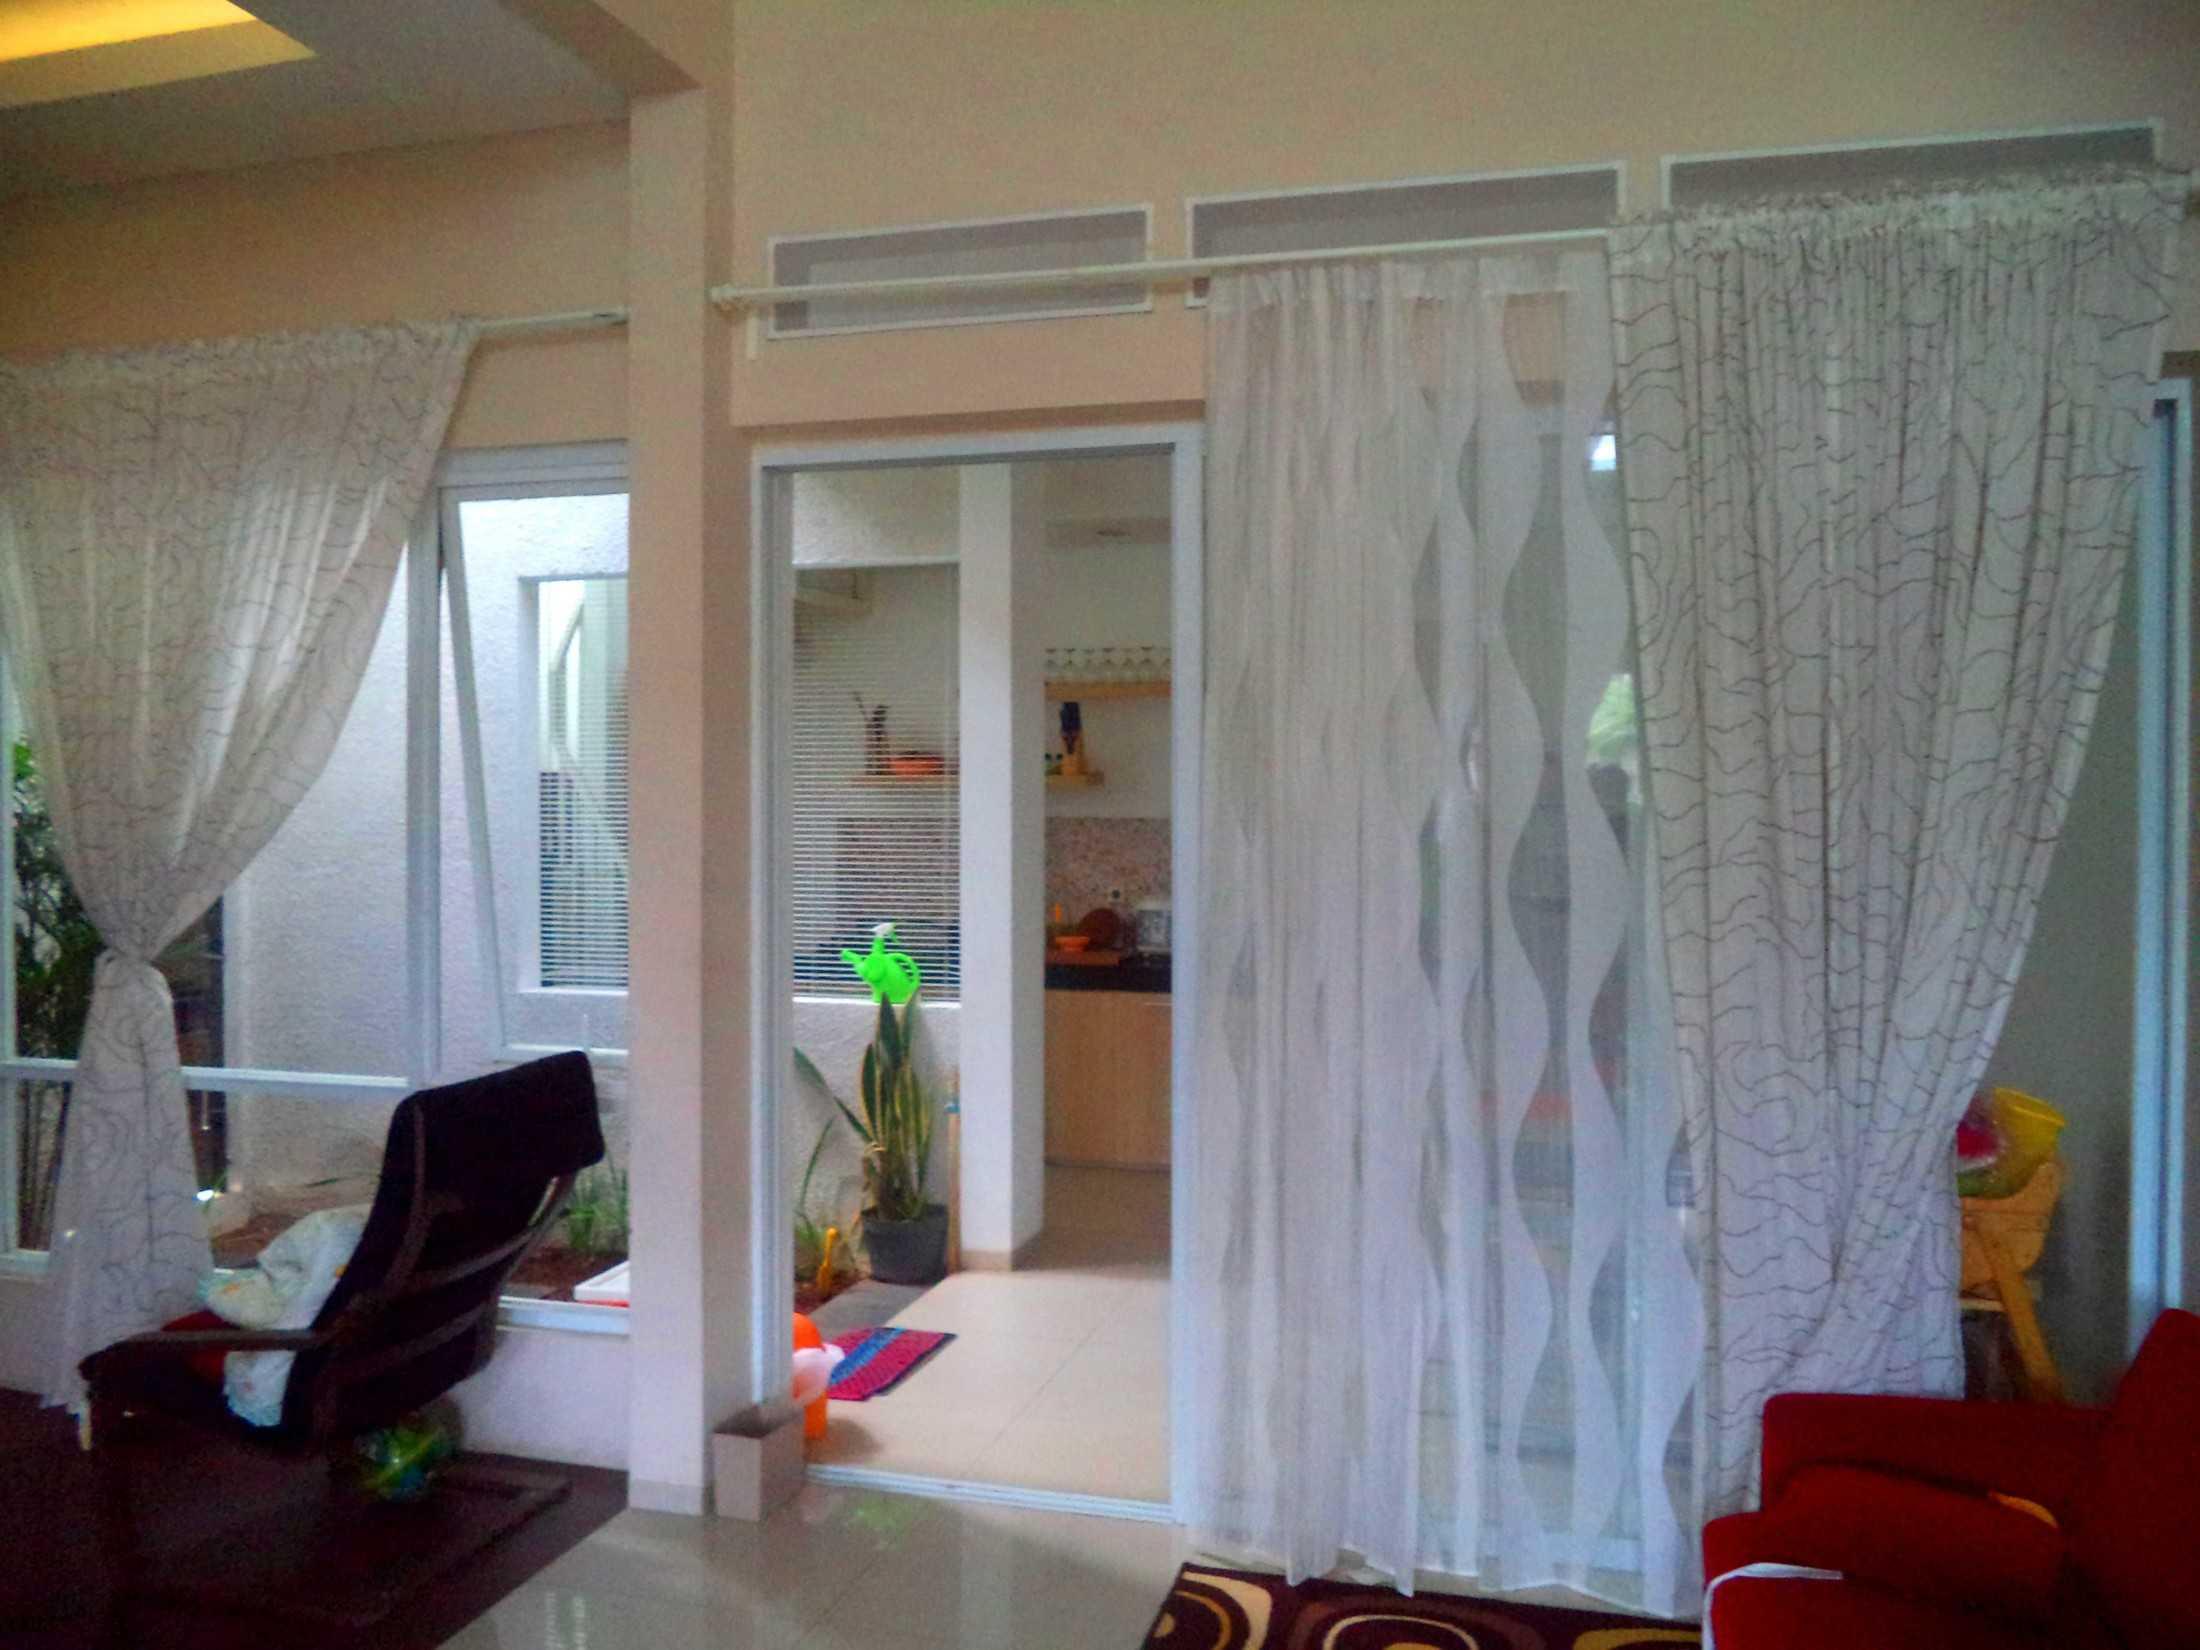 Yasa+ N-House Kec. Ciledug, Kota Tangerang, Banten, Indonesia Kec. Ciledug, Kota Tangerang, Banten, Indonesia Yasa-N-House  92265